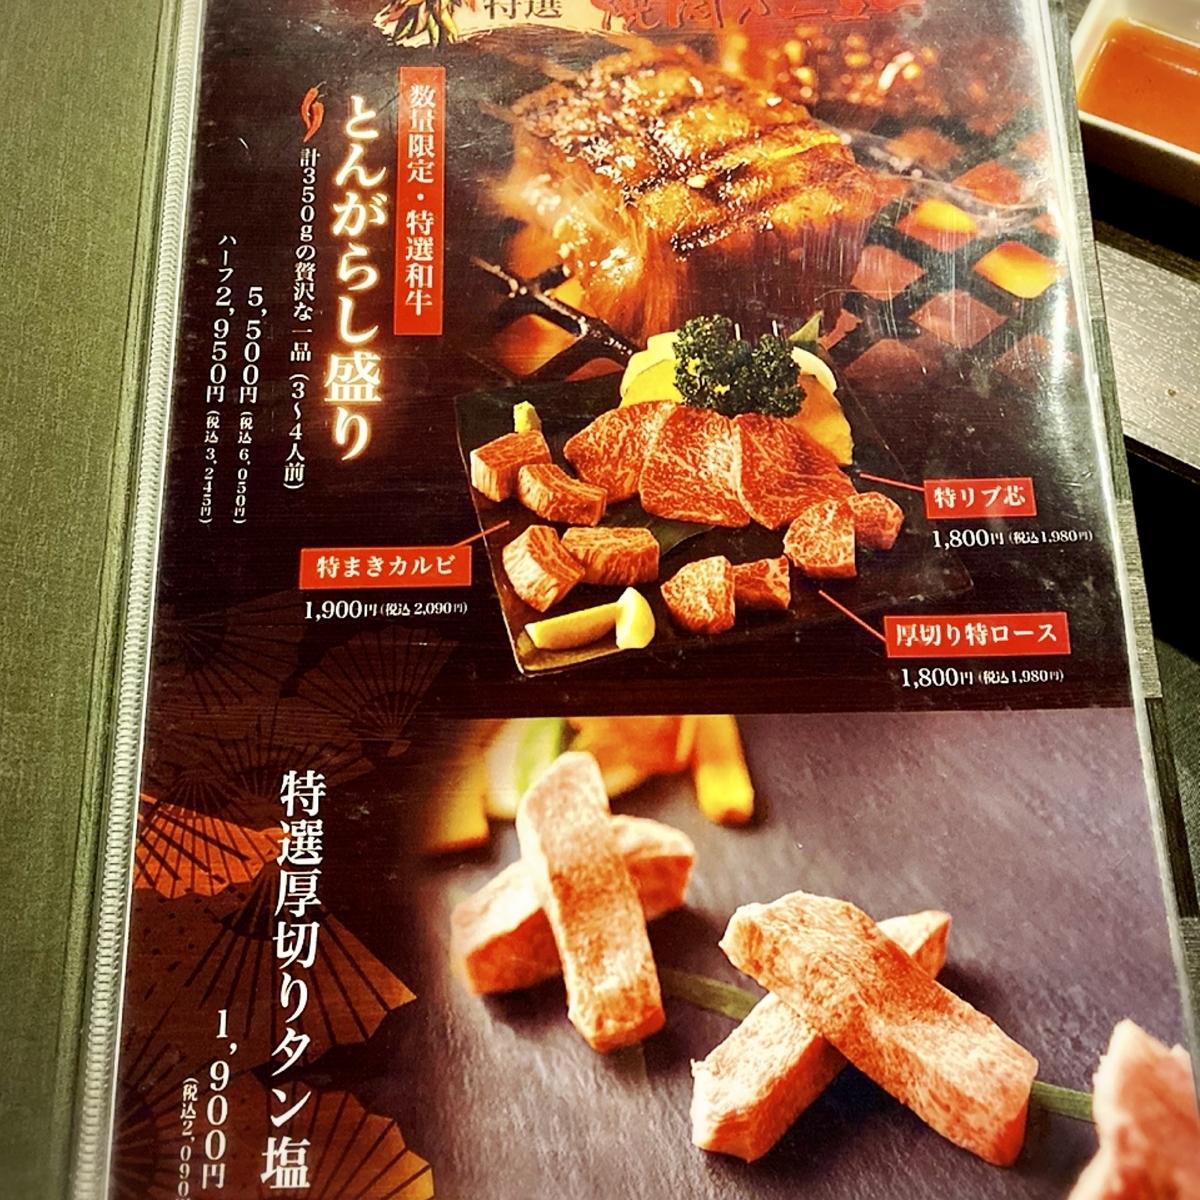 「焼肉とんがらし玉」のメニューと値段1